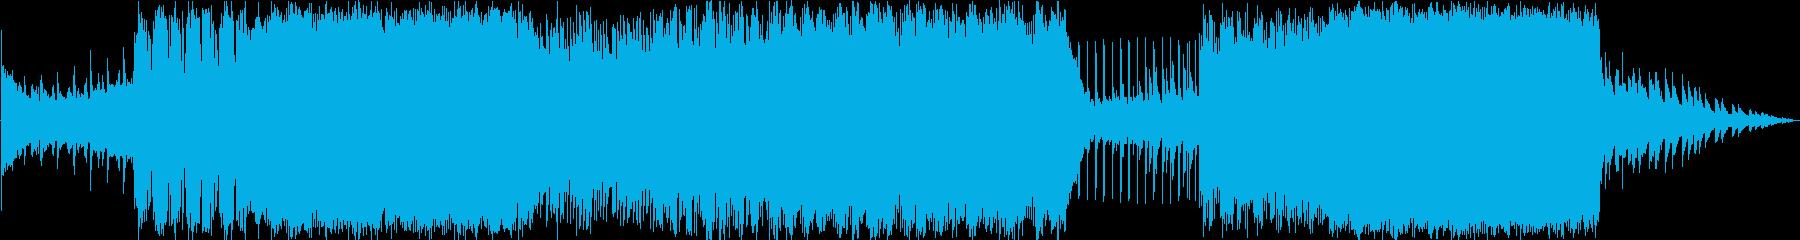 トロピカルハウスに乗せたラブソングの再生済みの波形